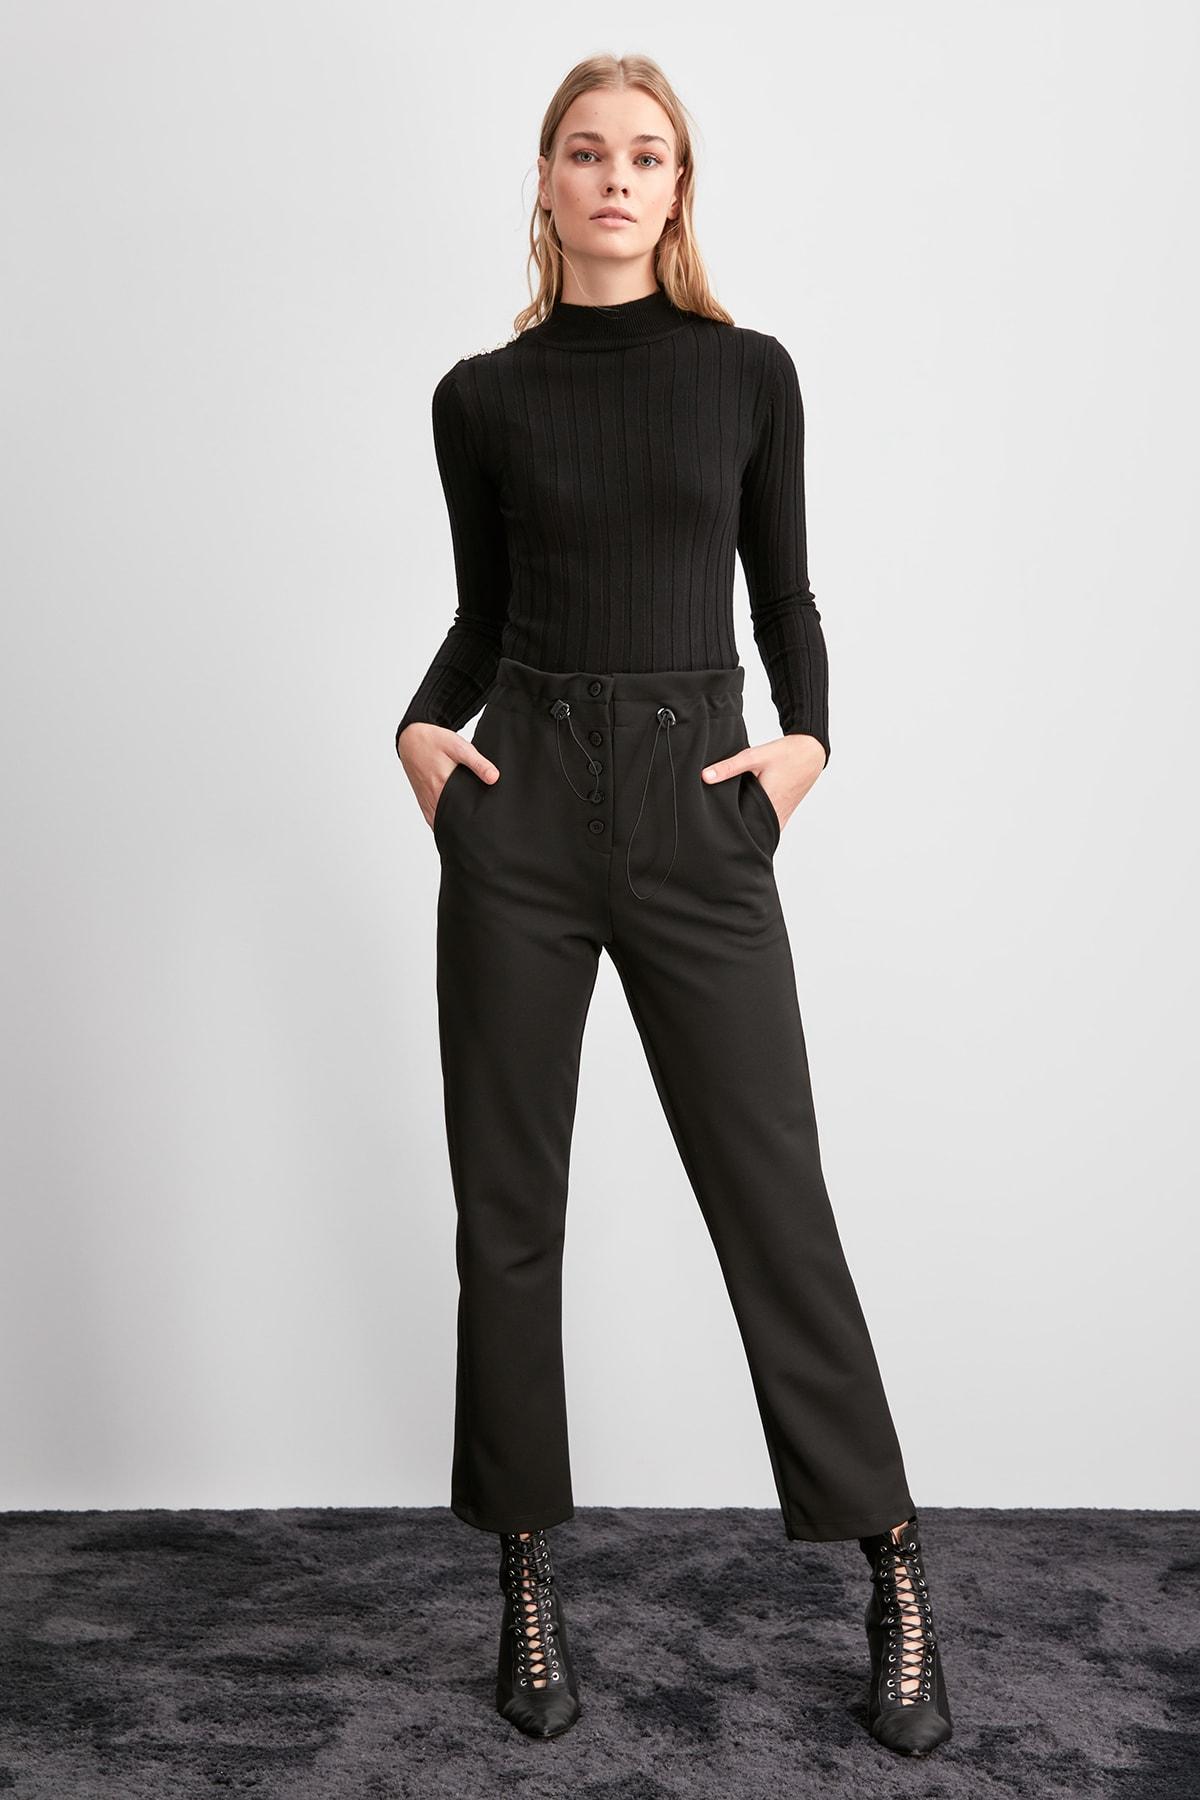 Trendyol Shir Detailed Knitting Pants TWOAW20PL0551